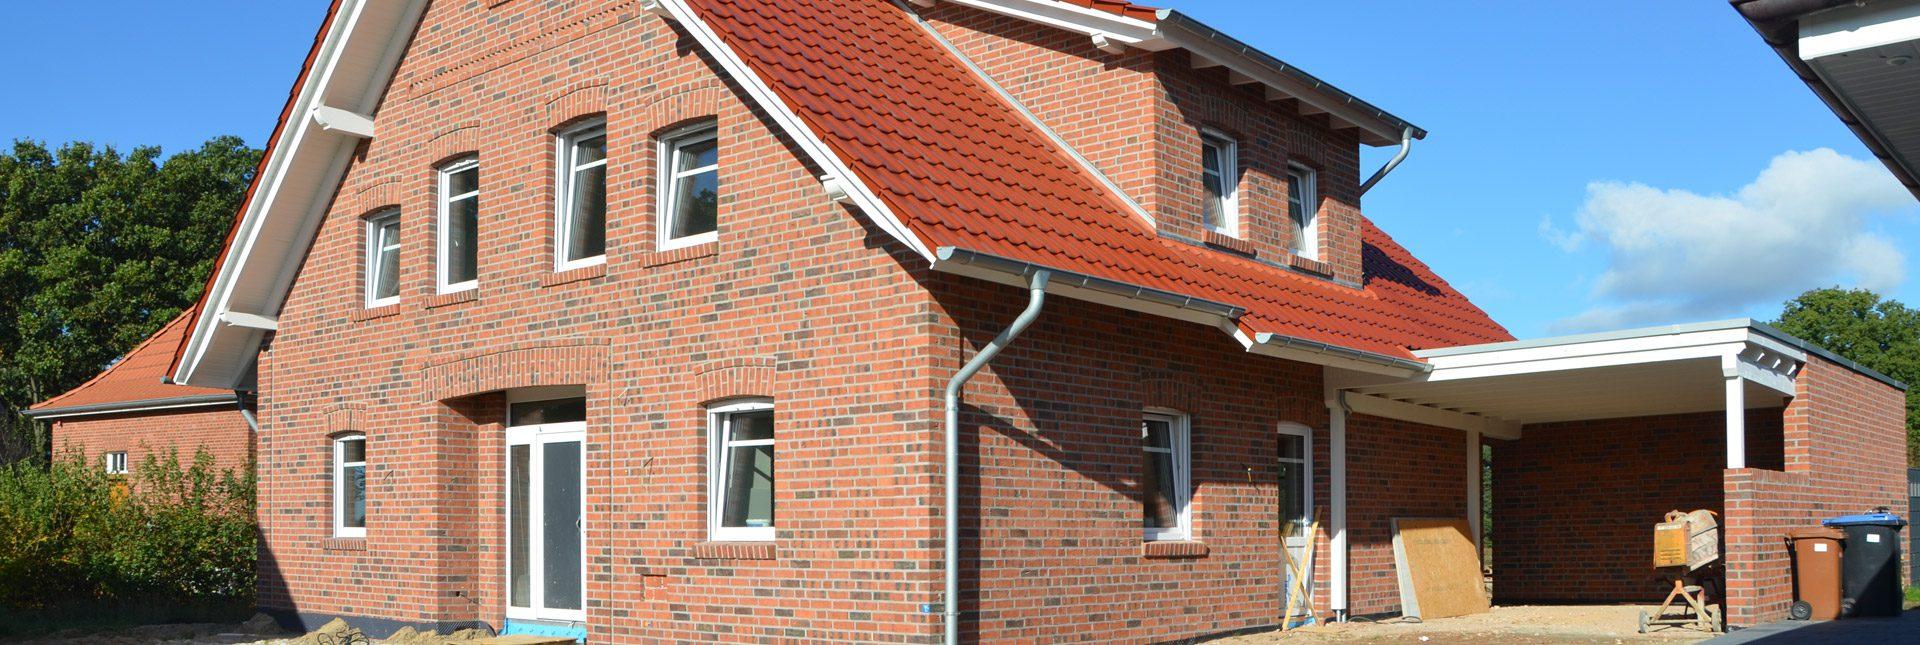 Das noch im Bau befindliche Haus zeigt traditionelle Elemente